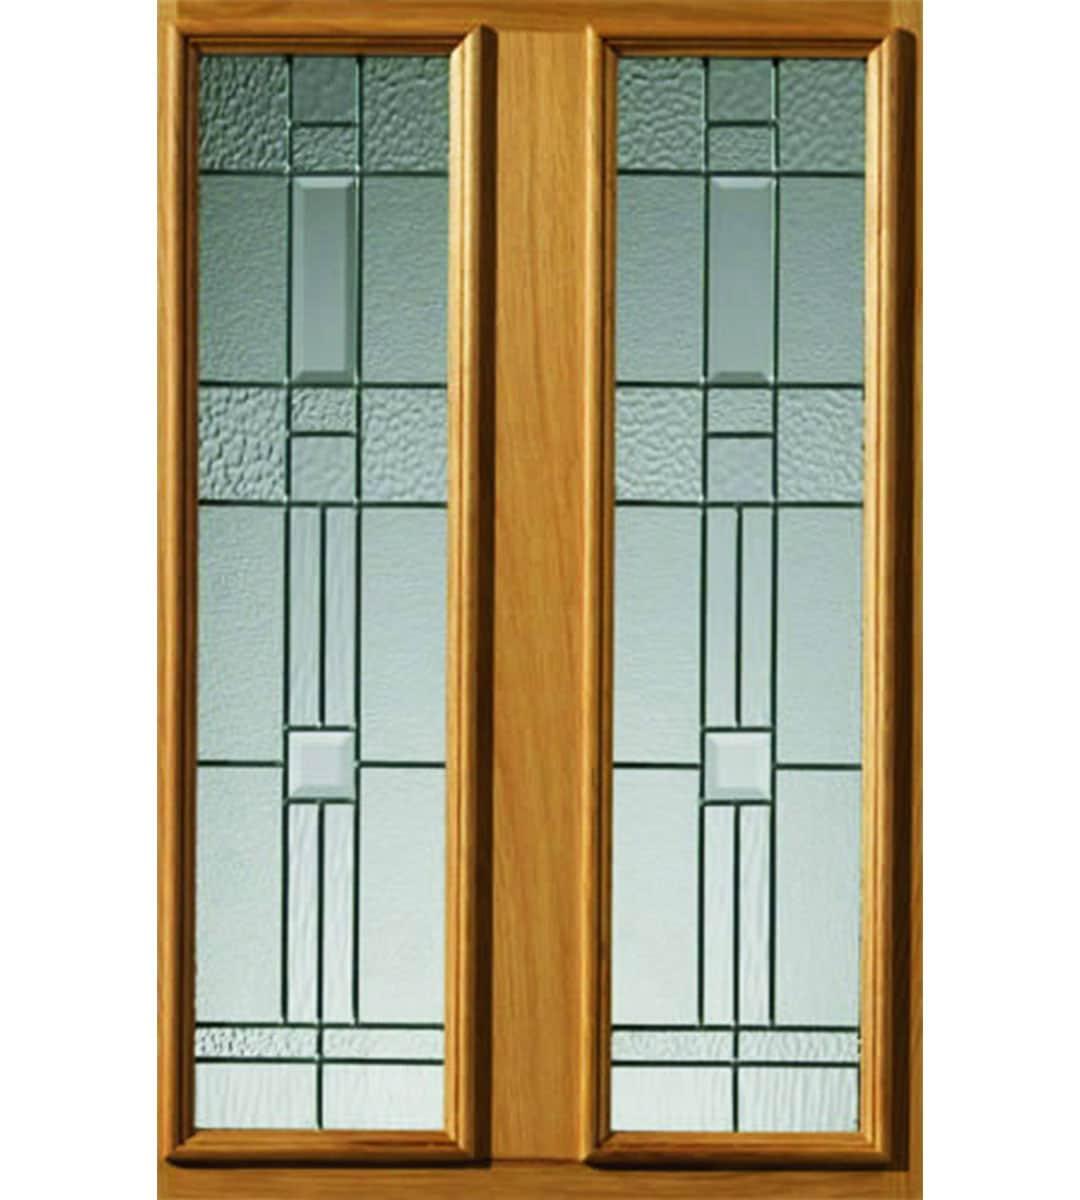 rioja exterior door closeup glass glazing